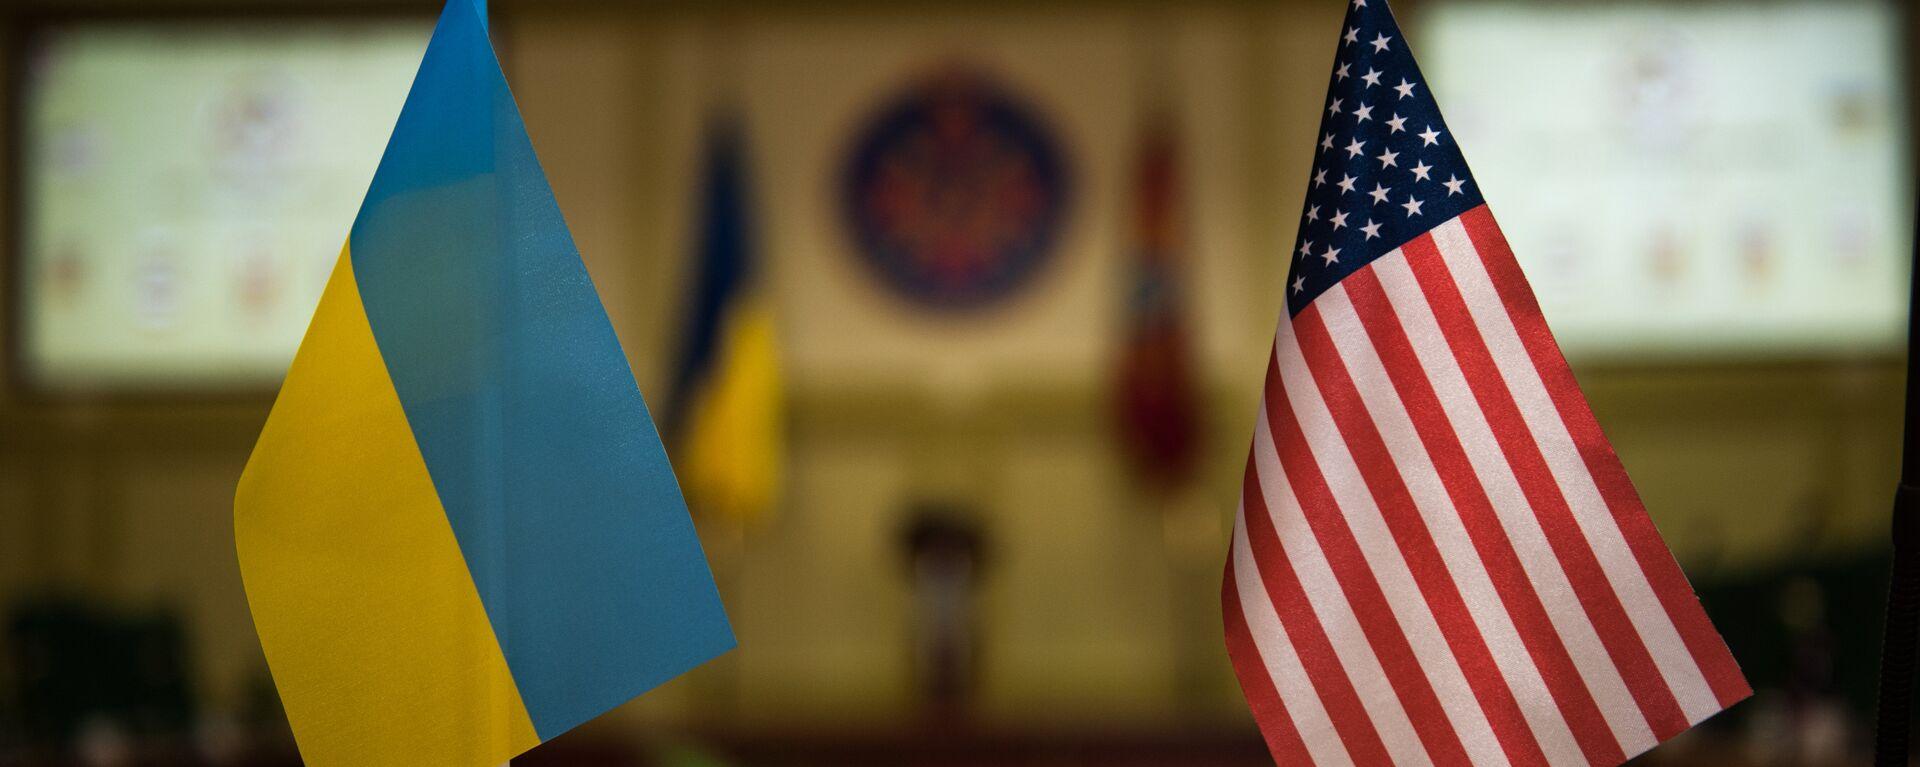 Banderas Ucrania y EEUU - Sputnik Mundo, 1920, 22.09.2021